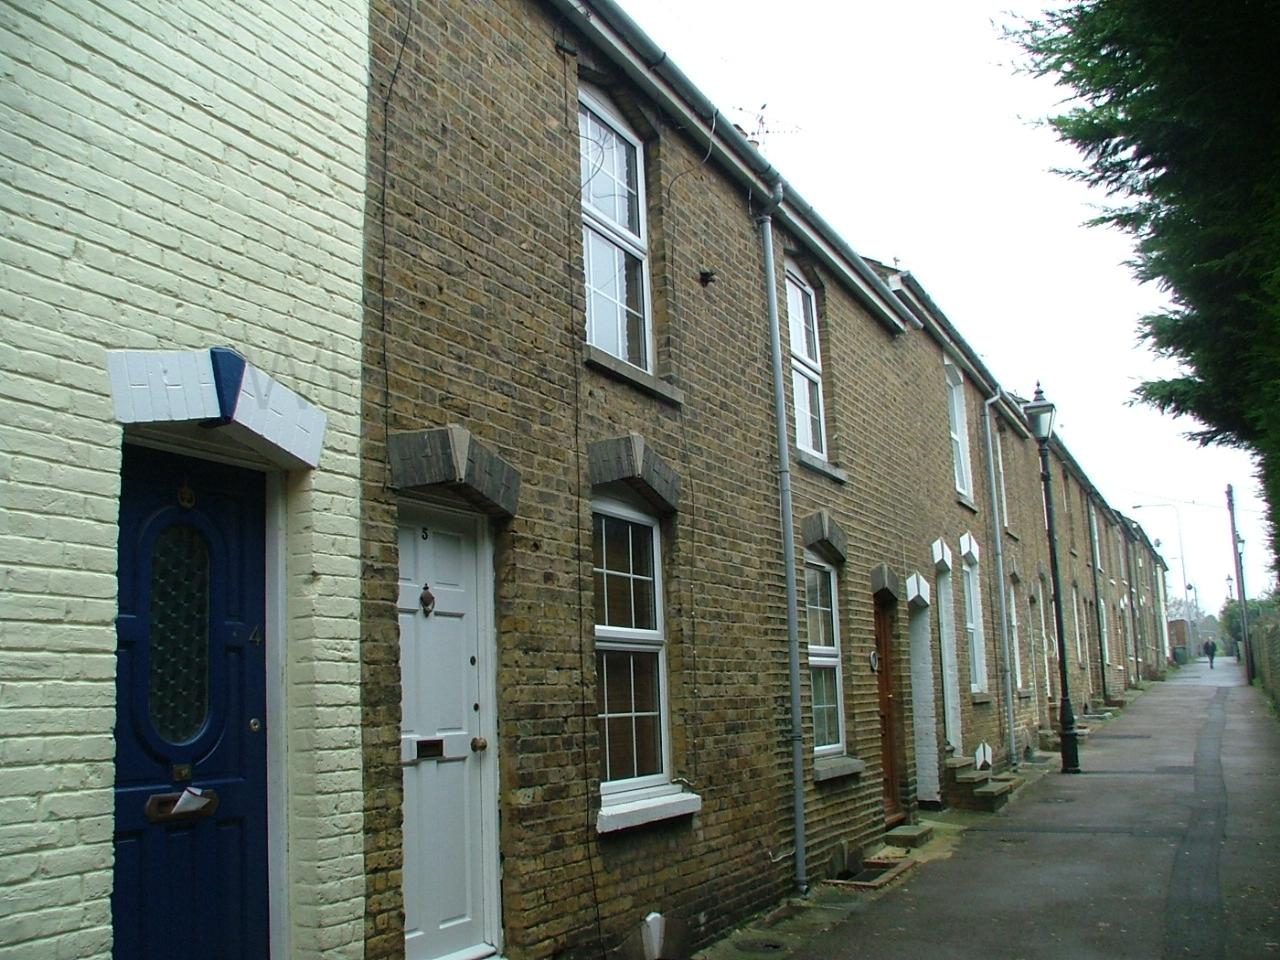 Dorset Place  Faversham  ME13